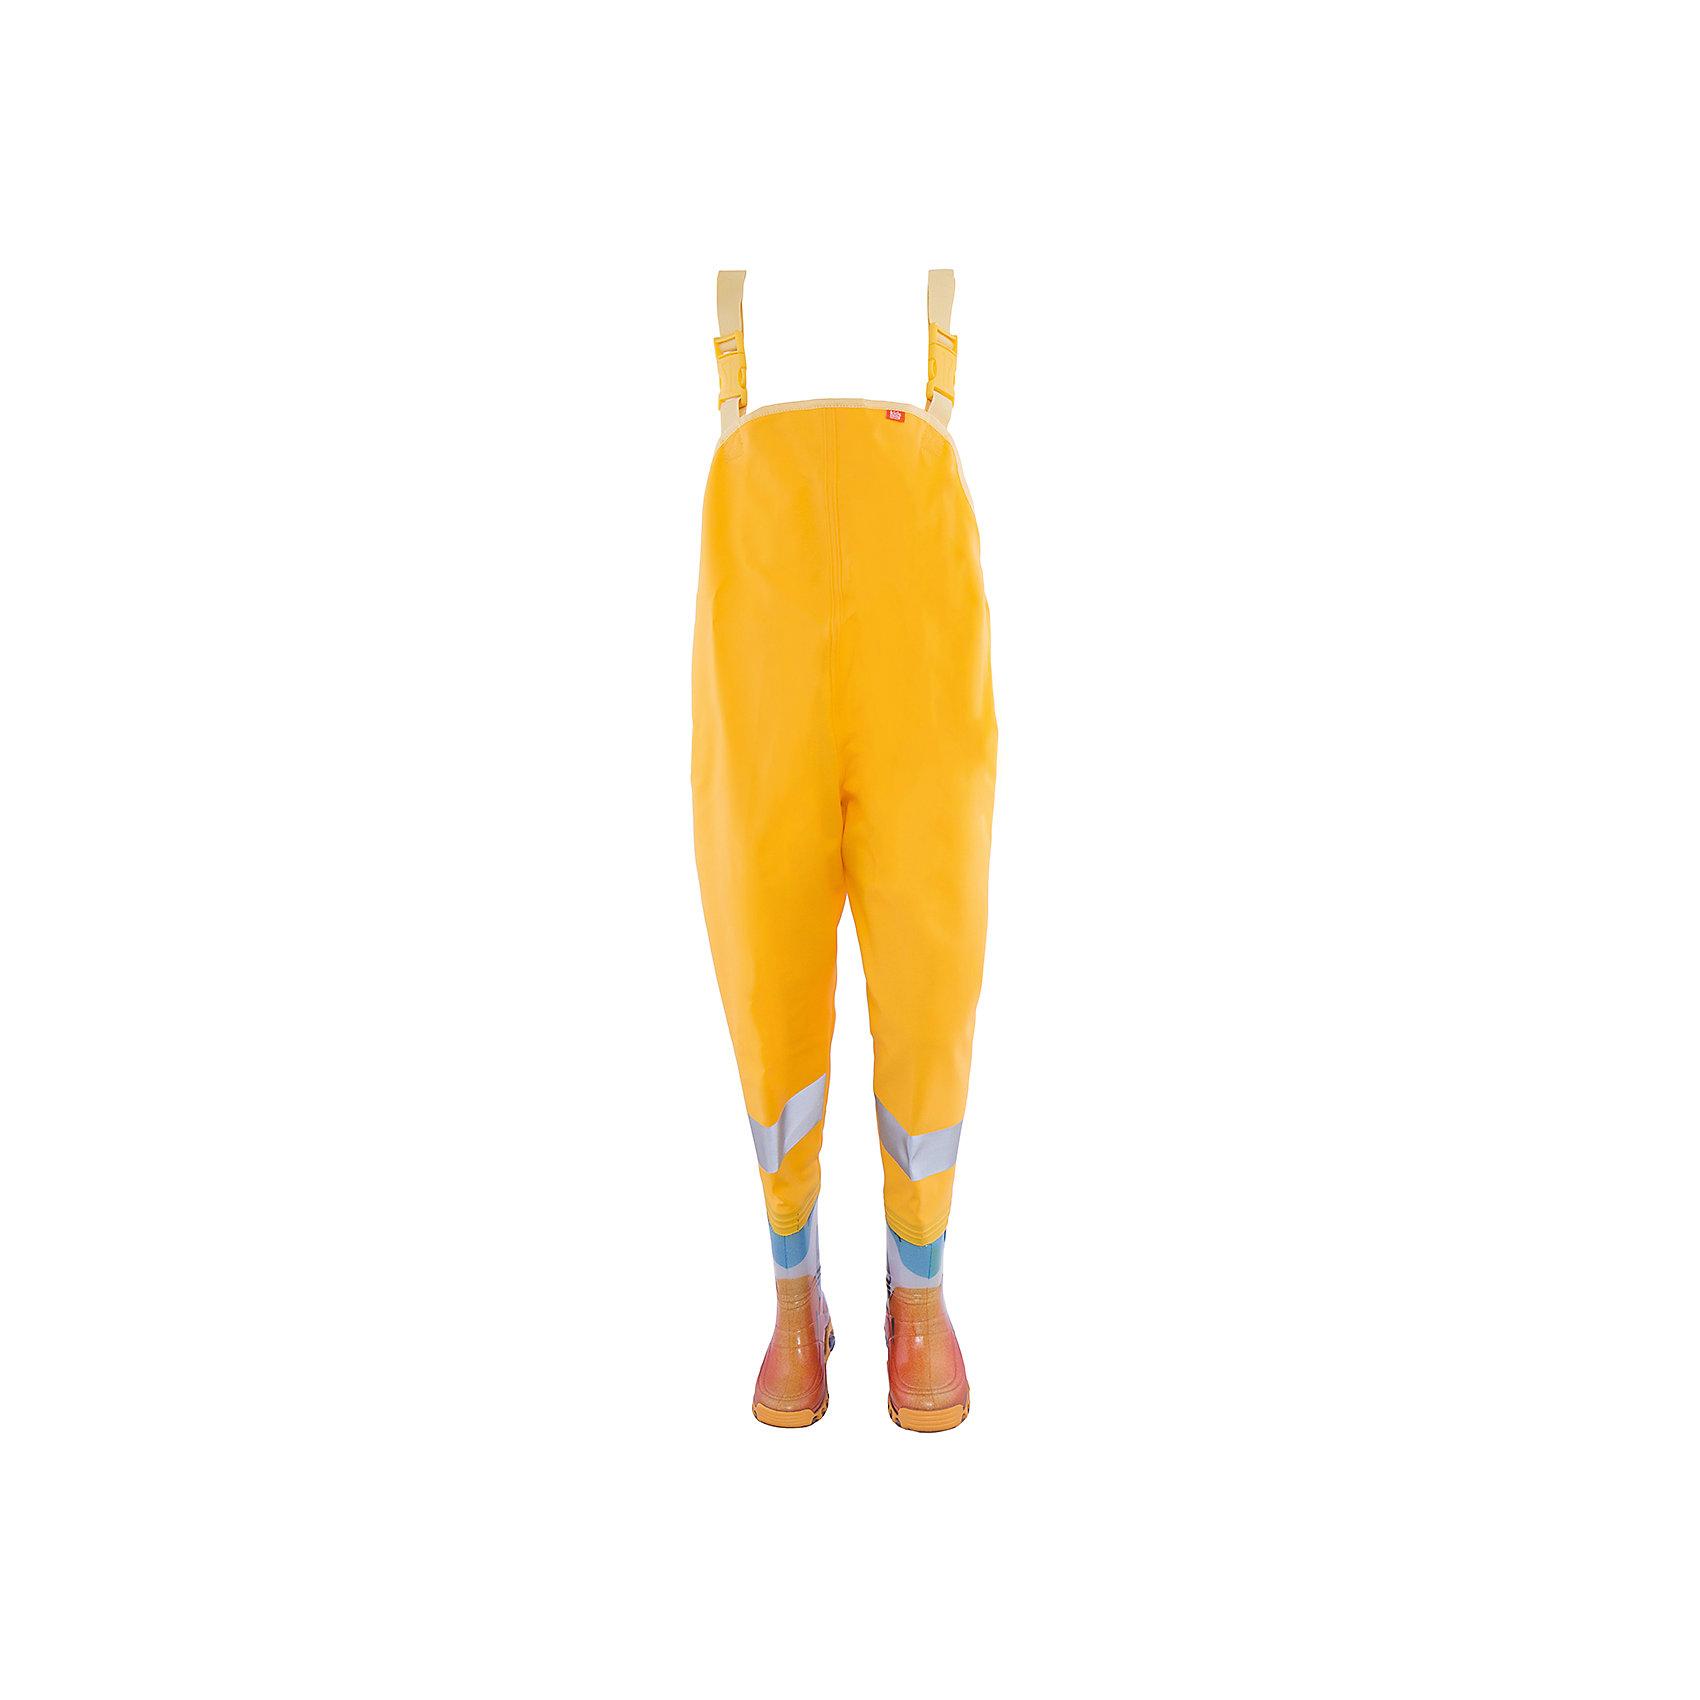 Комбинезон  DEMARХарактеристики товара:<br><br>• цвет: желтый<br>• материал верха: ПВХ<br>• материал подкладки: текстиль <br>• материал подошвы: ПВХ<br>• температурный режим: от 0° до +15° С<br>• верх не продувается, пропитка от грязи и влаги<br>• анискользящая подошва<br>• регулируемые лямки<br>• усиленные пятка и носок<br>• страна бренда: Польша<br>• страна изготовитель: Польша<br><br>Осенью и весной, а также зимой, ребенку не обойтись без удобных сапожек! Чтобы не пропустить главные удовольствия межсезонья, нужно запастись удобной обувью. Эта модель свомещает в себе резиновые сапоги и непромокаемый комбинезон! Он обеспечит ребенку необходимый для активного отдыха комфорт, а подкладка из текстиля позволит ножкам оставаться теплыми. Комбинезон можно регулировать по размеру благодаря лямкам.<br>Продукция от польского бренда Demar - это качественные товары, созданные с применением новейших технологий и с использованием как натуральных, так и высокотехнологичных материалов. Обувь отличается стильным дизайном и продуманной конструкцией. Изделие производится из качественных и проверенных материалов, которые безопасны для детей.<br><br>Комбинезон от бренда Demar (Демар) можно купить в нашем интернет-магазине.<br><br>Ширина мм: 237<br>Глубина мм: 180<br>Высота мм: 152<br>Вес г: 438<br>Цвет: желтый<br>Возраст от месяцев: 72<br>Возраст до месяцев: 84<br>Пол: Унисекс<br>Возраст: Детский<br>Размер: 30/31,34/35,26/27,28/29,32/33<br>SKU: 4576161